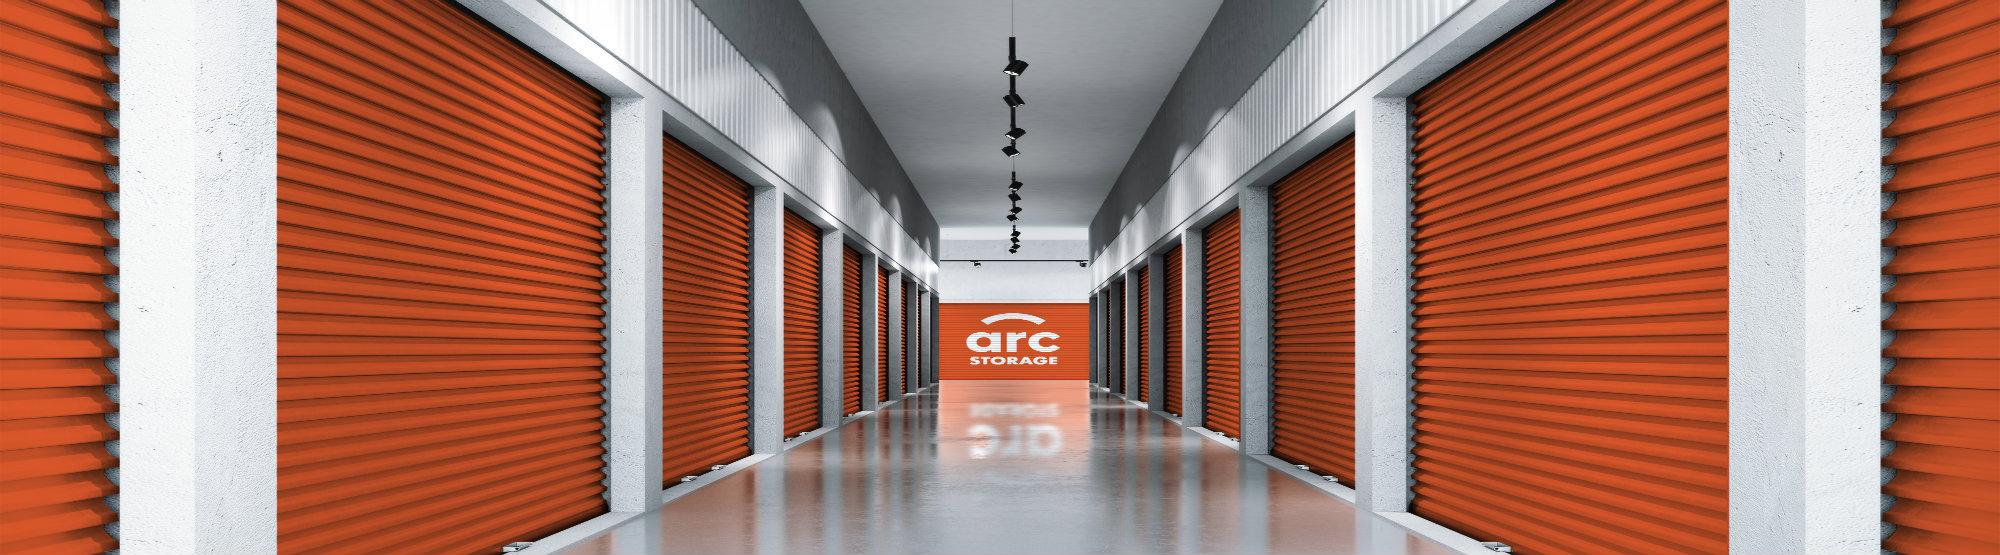 arc Storage